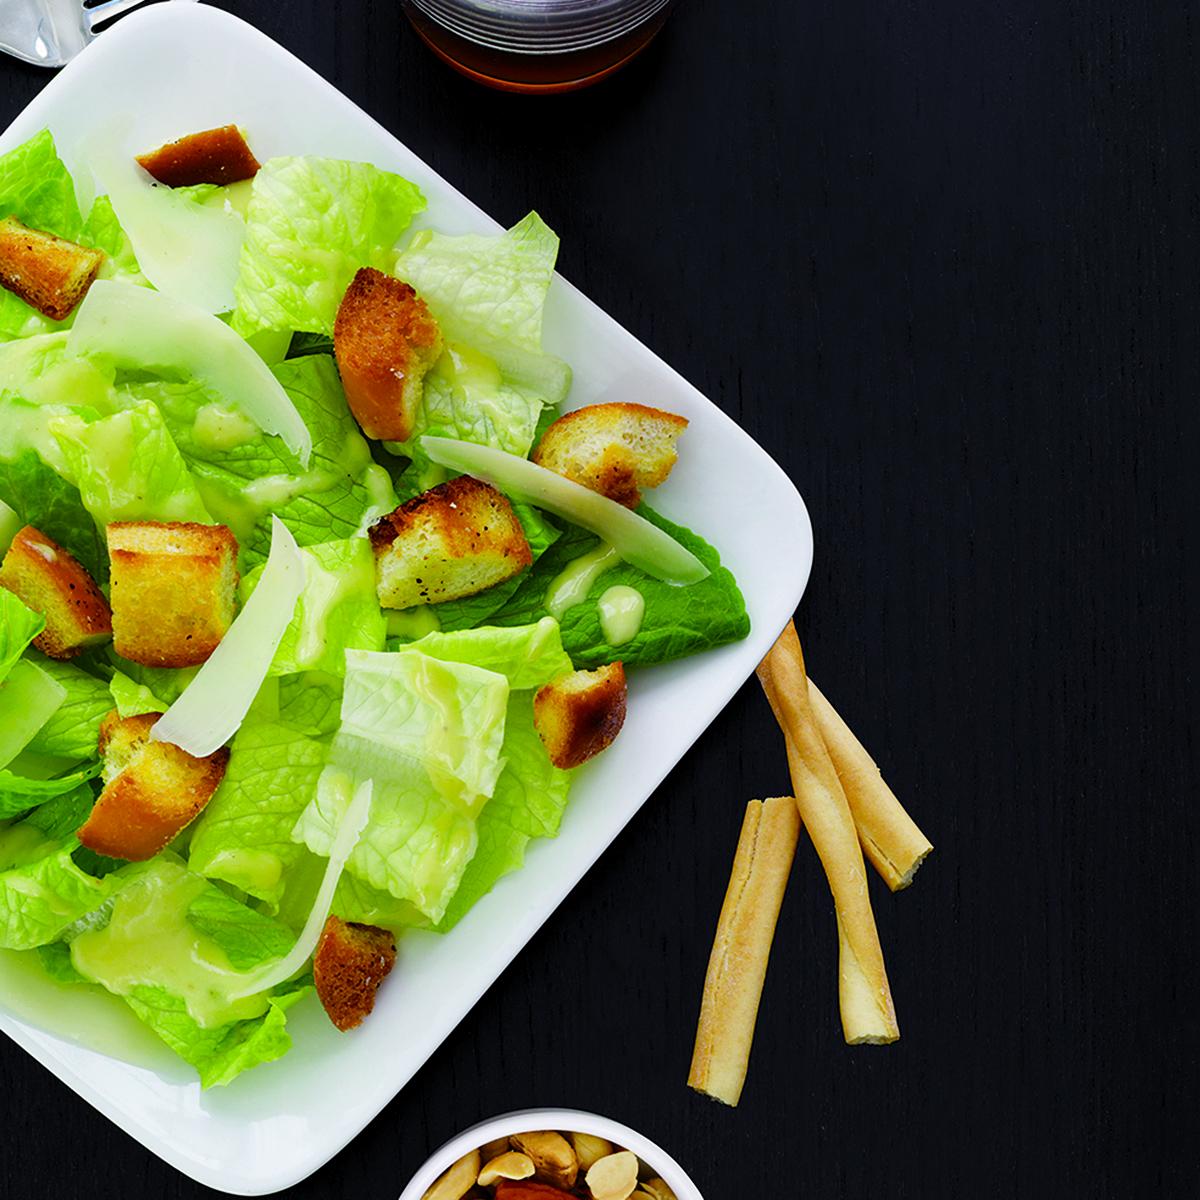 Supersonic Caesar Salad Dressing